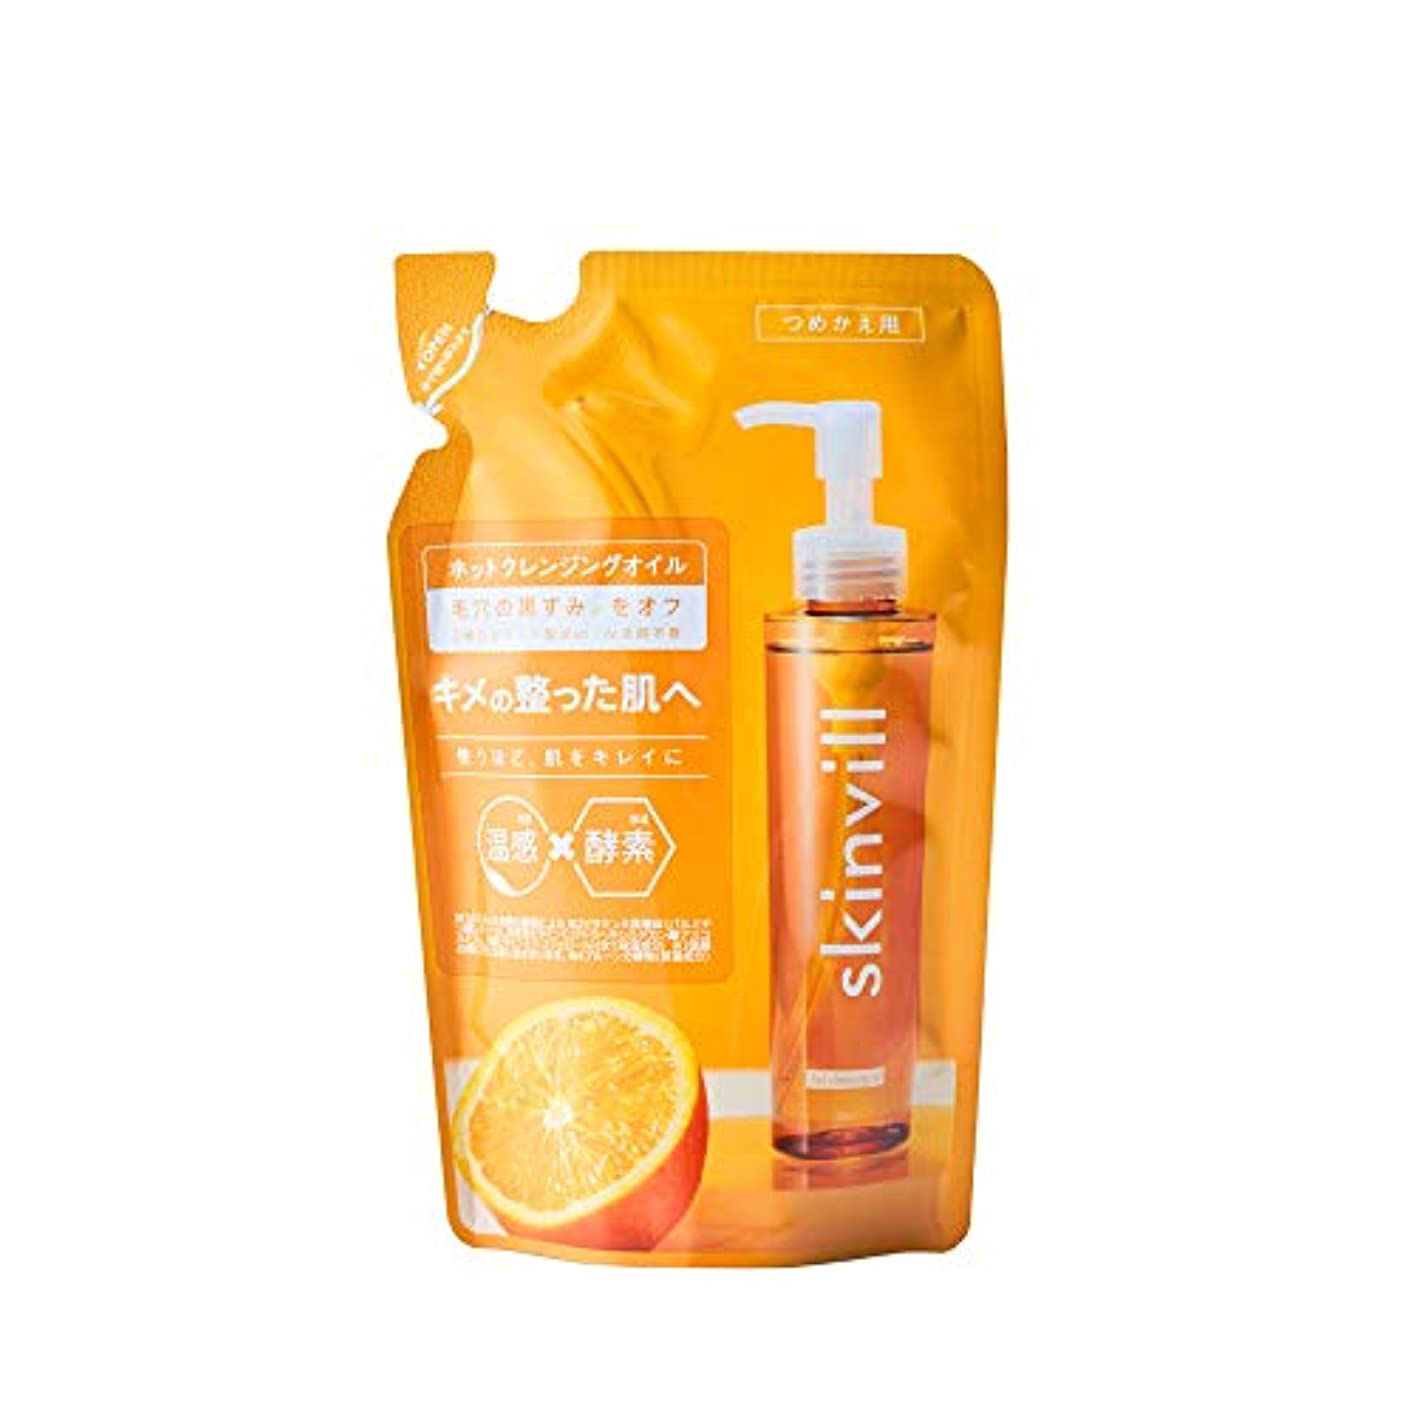 覚醒粘性の蒸留するskinvill スキンビル ホットクレンジングオイル 詰め替えパウチ 130mL シトラスオレンジの香り